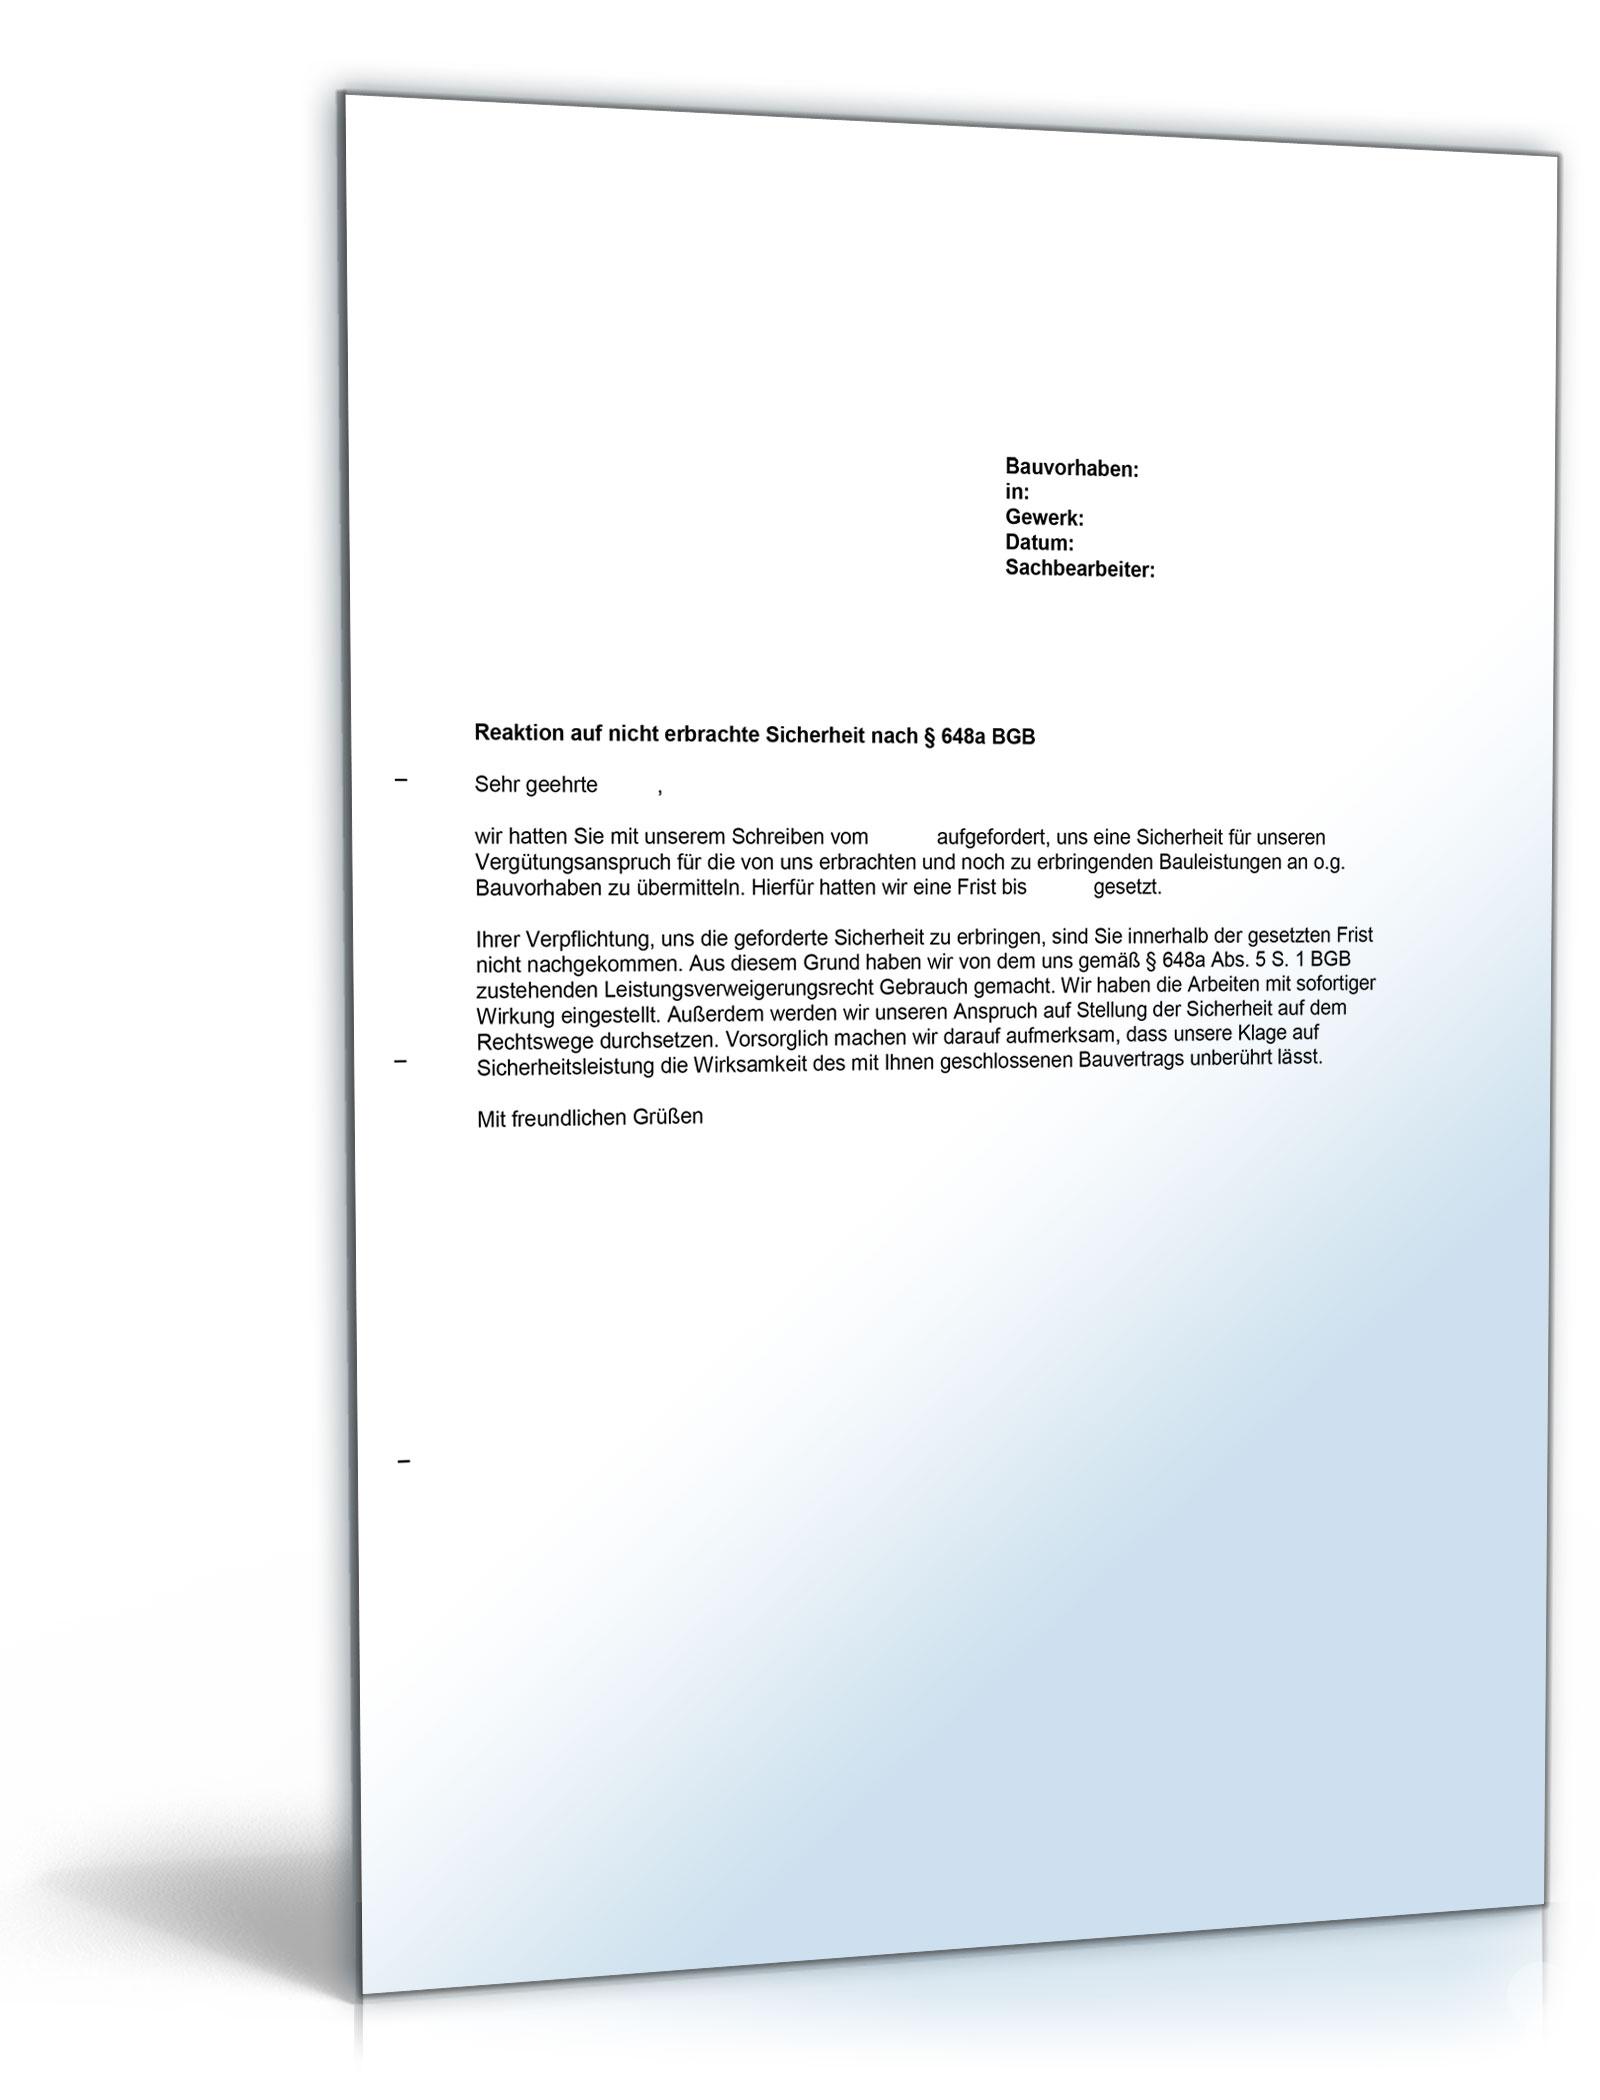 Download Archiv Dokumente Deutschland Kostenlos Dokumente